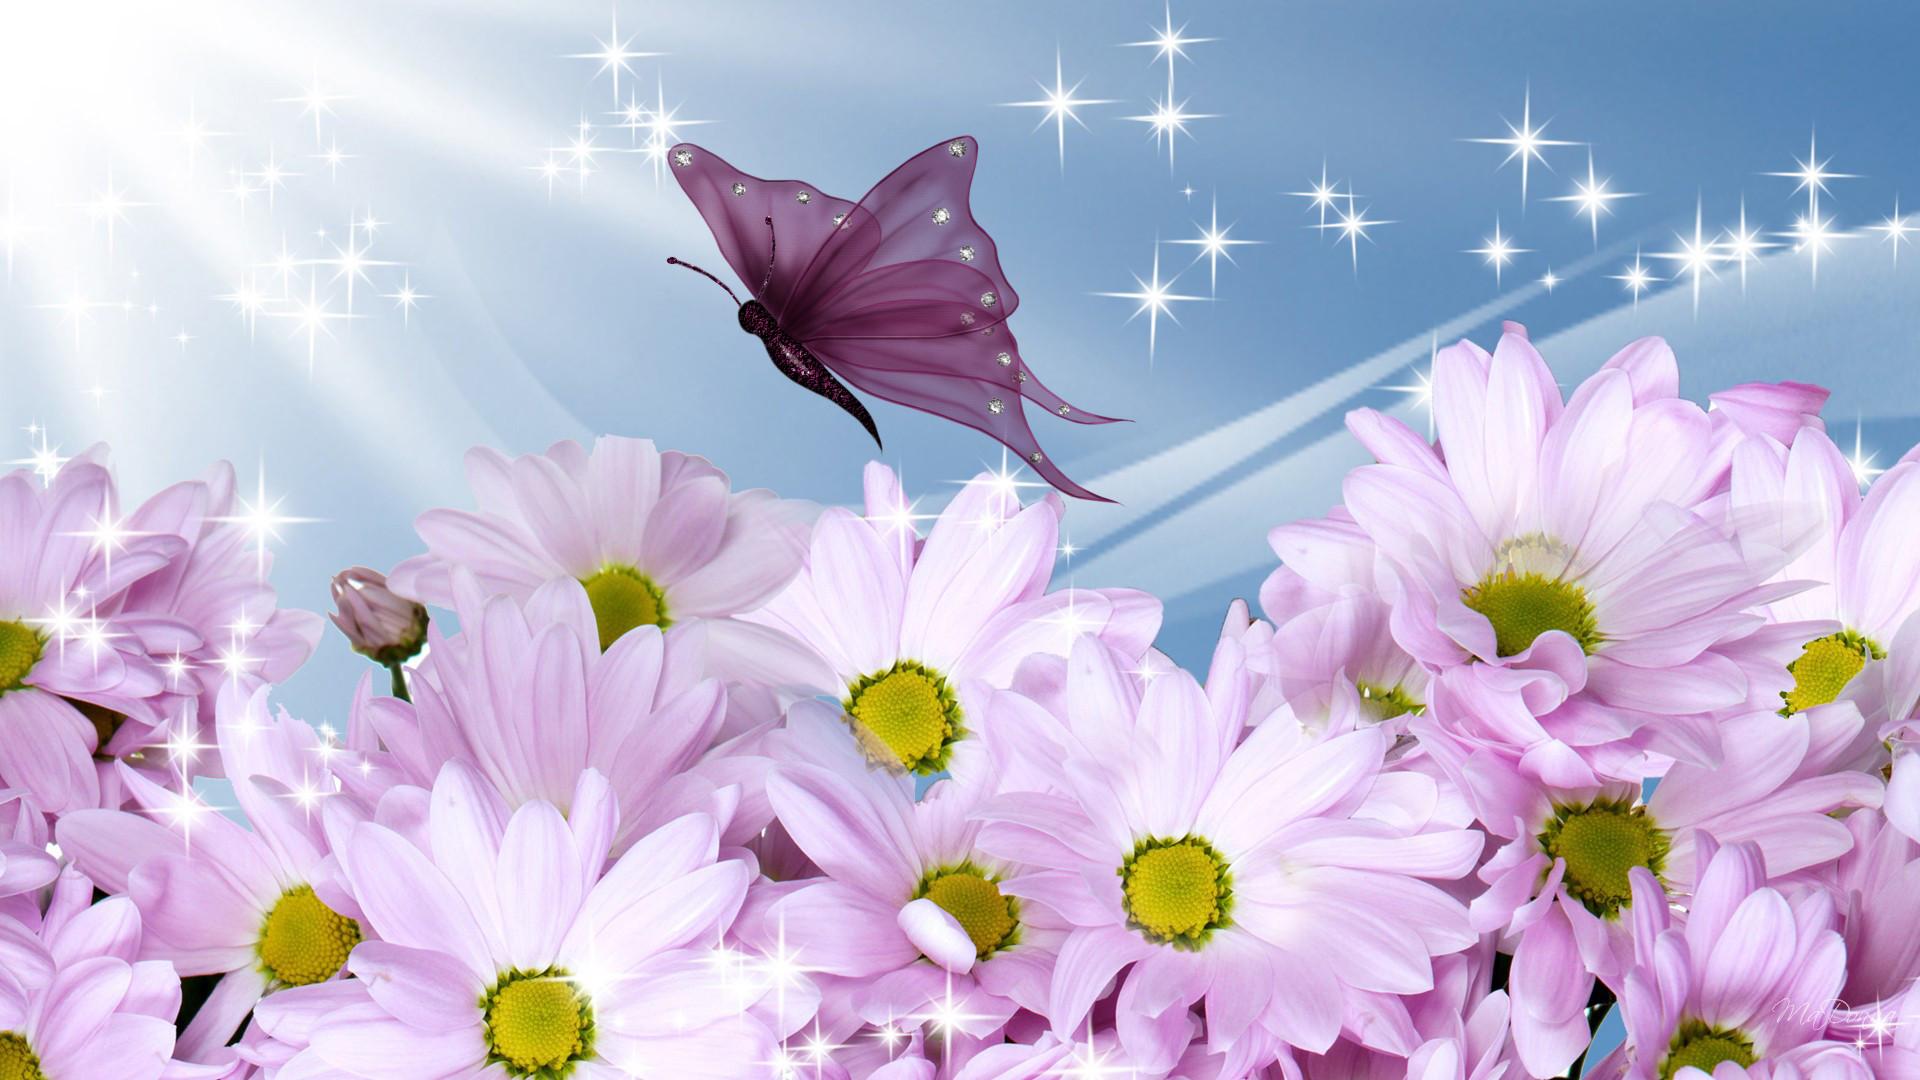 Free pictures of summer flowers vector Summer Flowers Wallpapers | PixelsTalk.Net vector